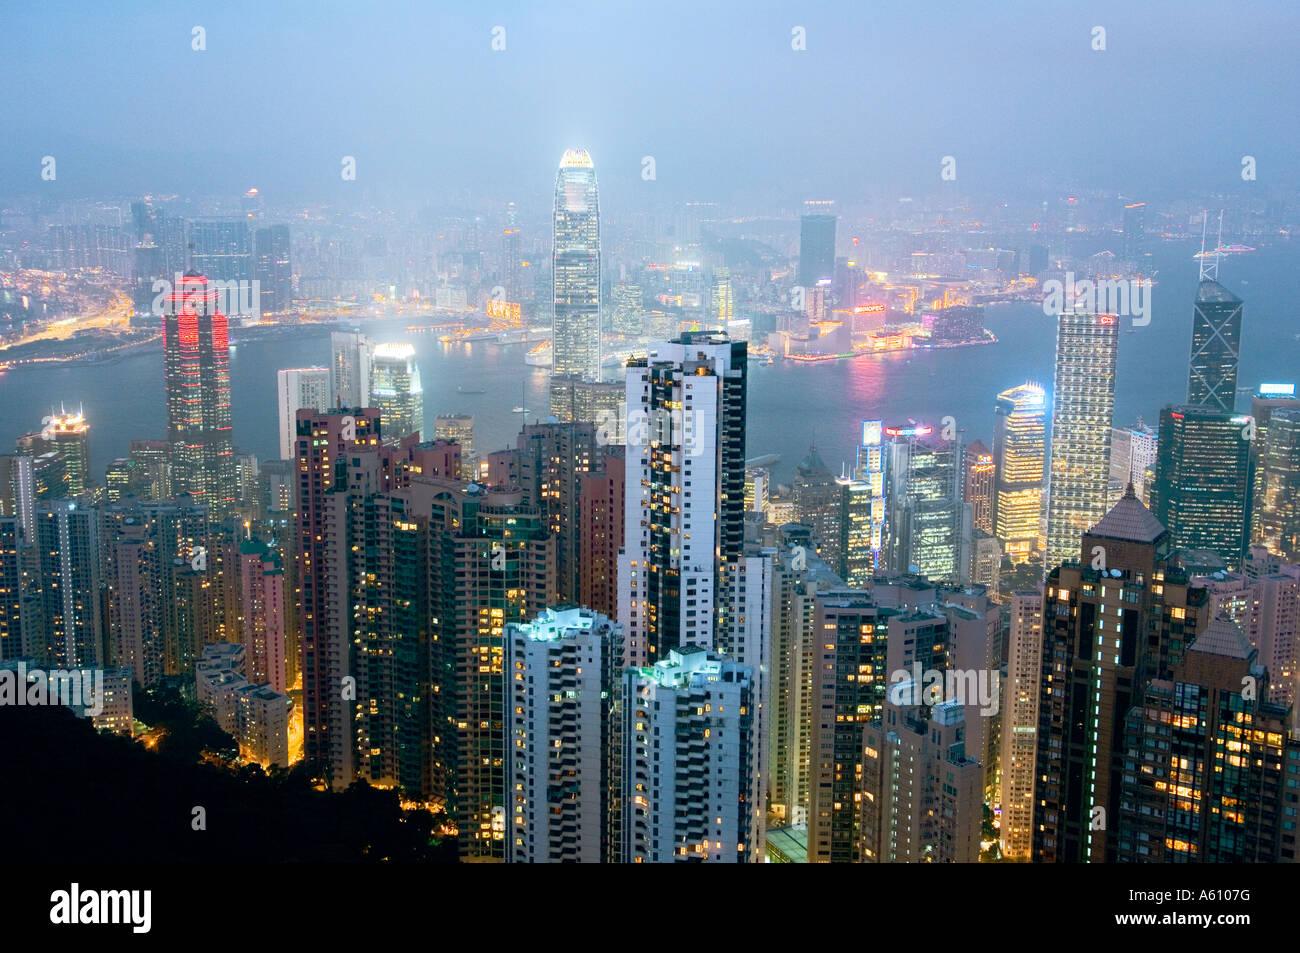 L'île de Hong Kong. La tombée de la vue depuis le Pic Victoria sur les gratte-ciel du centre-ville Photo Stock